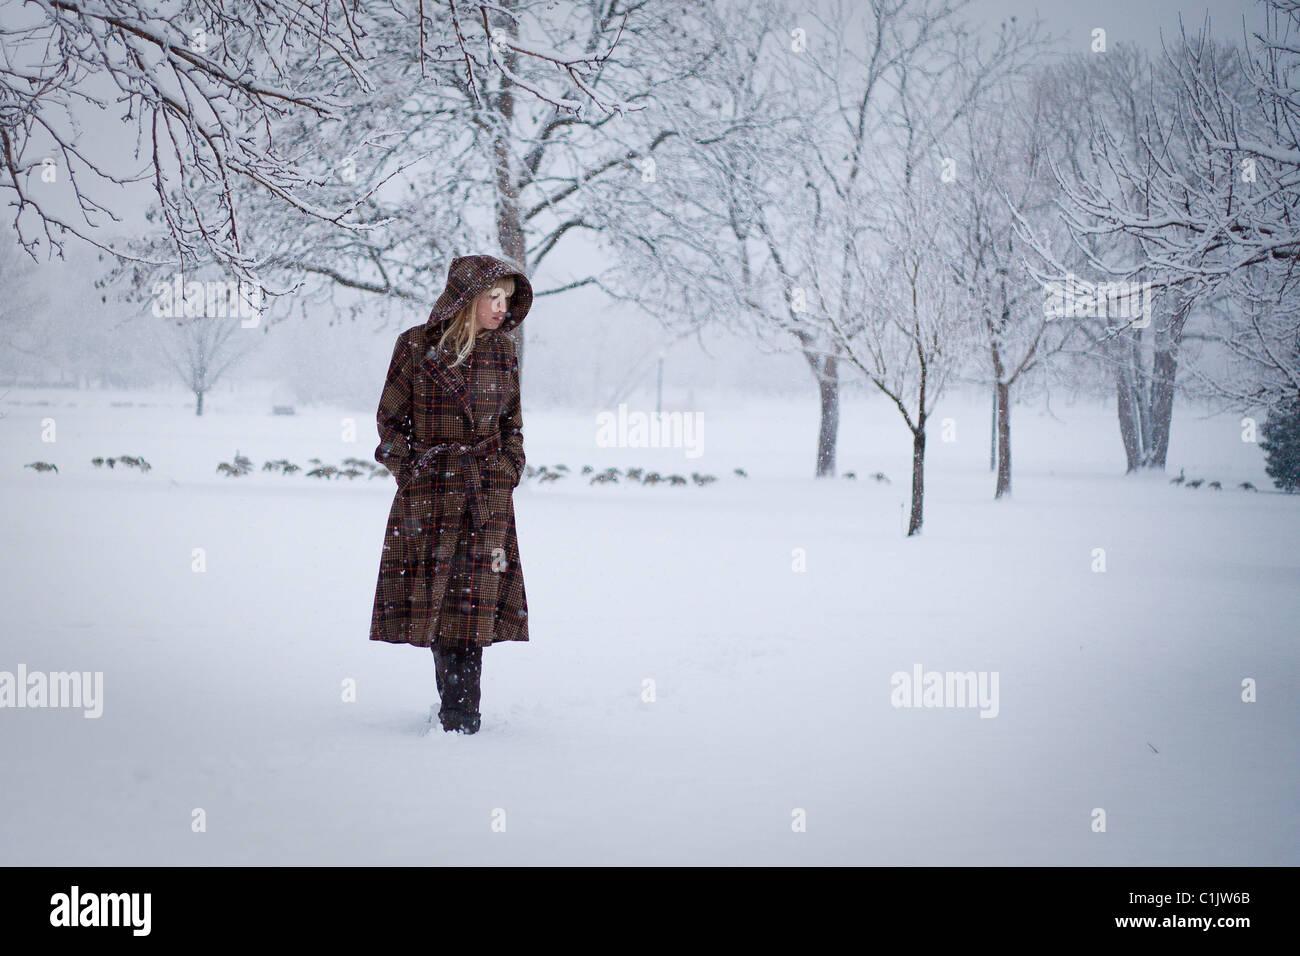 Frau im Schneesturm Stockbild